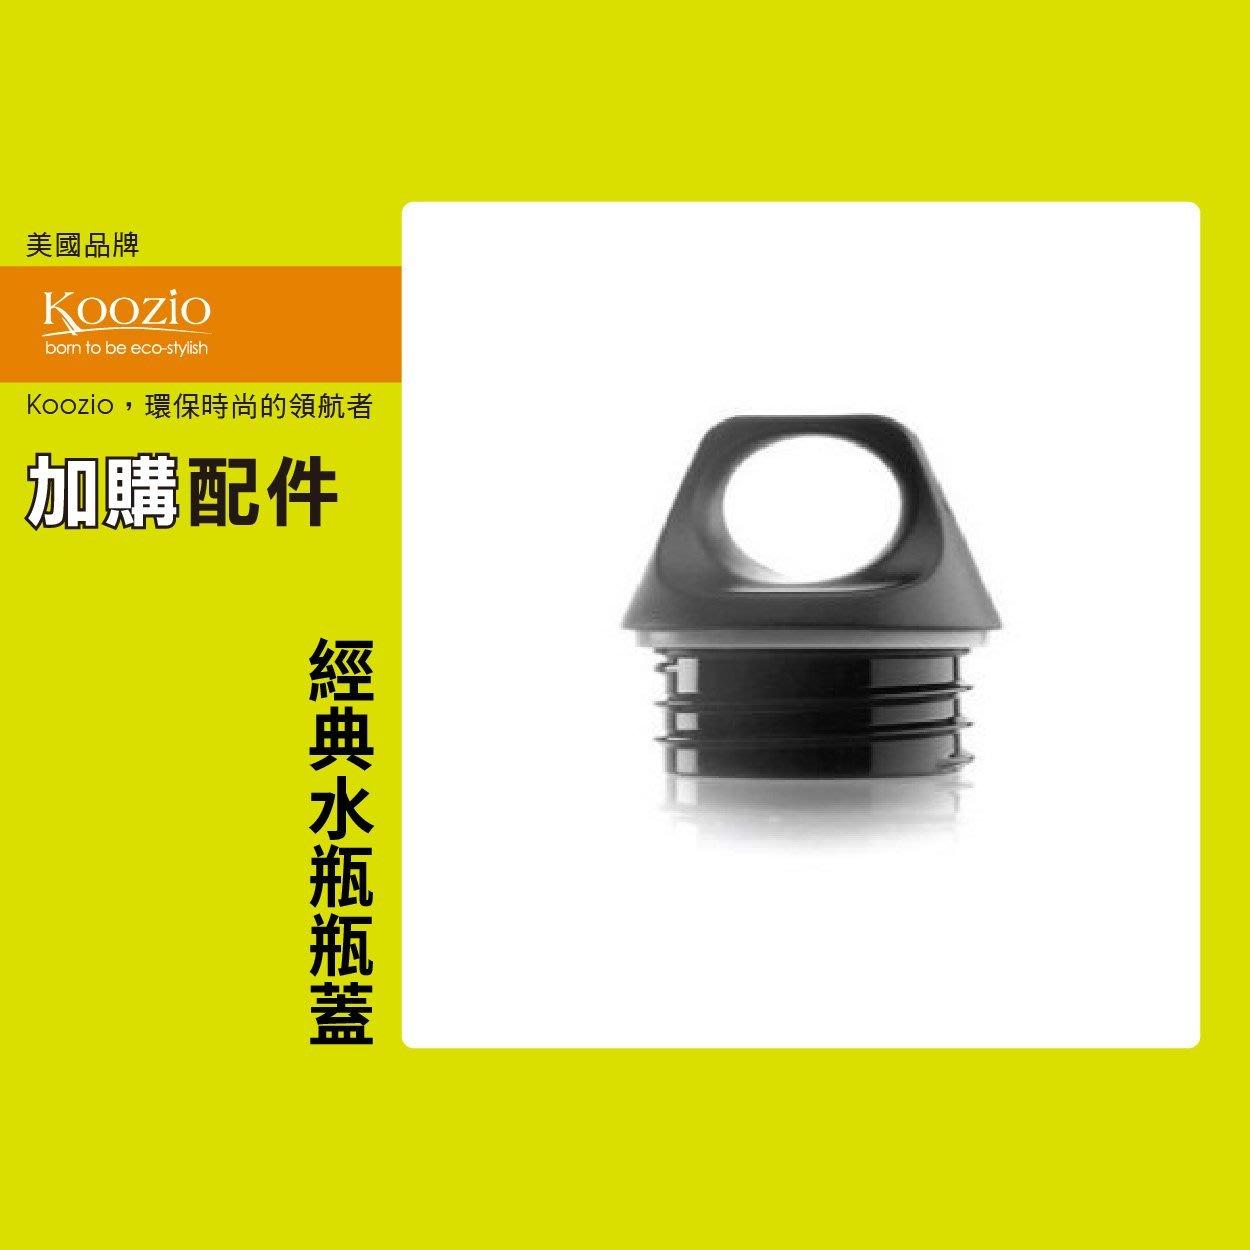 KOOZIO瓶蓋-配件